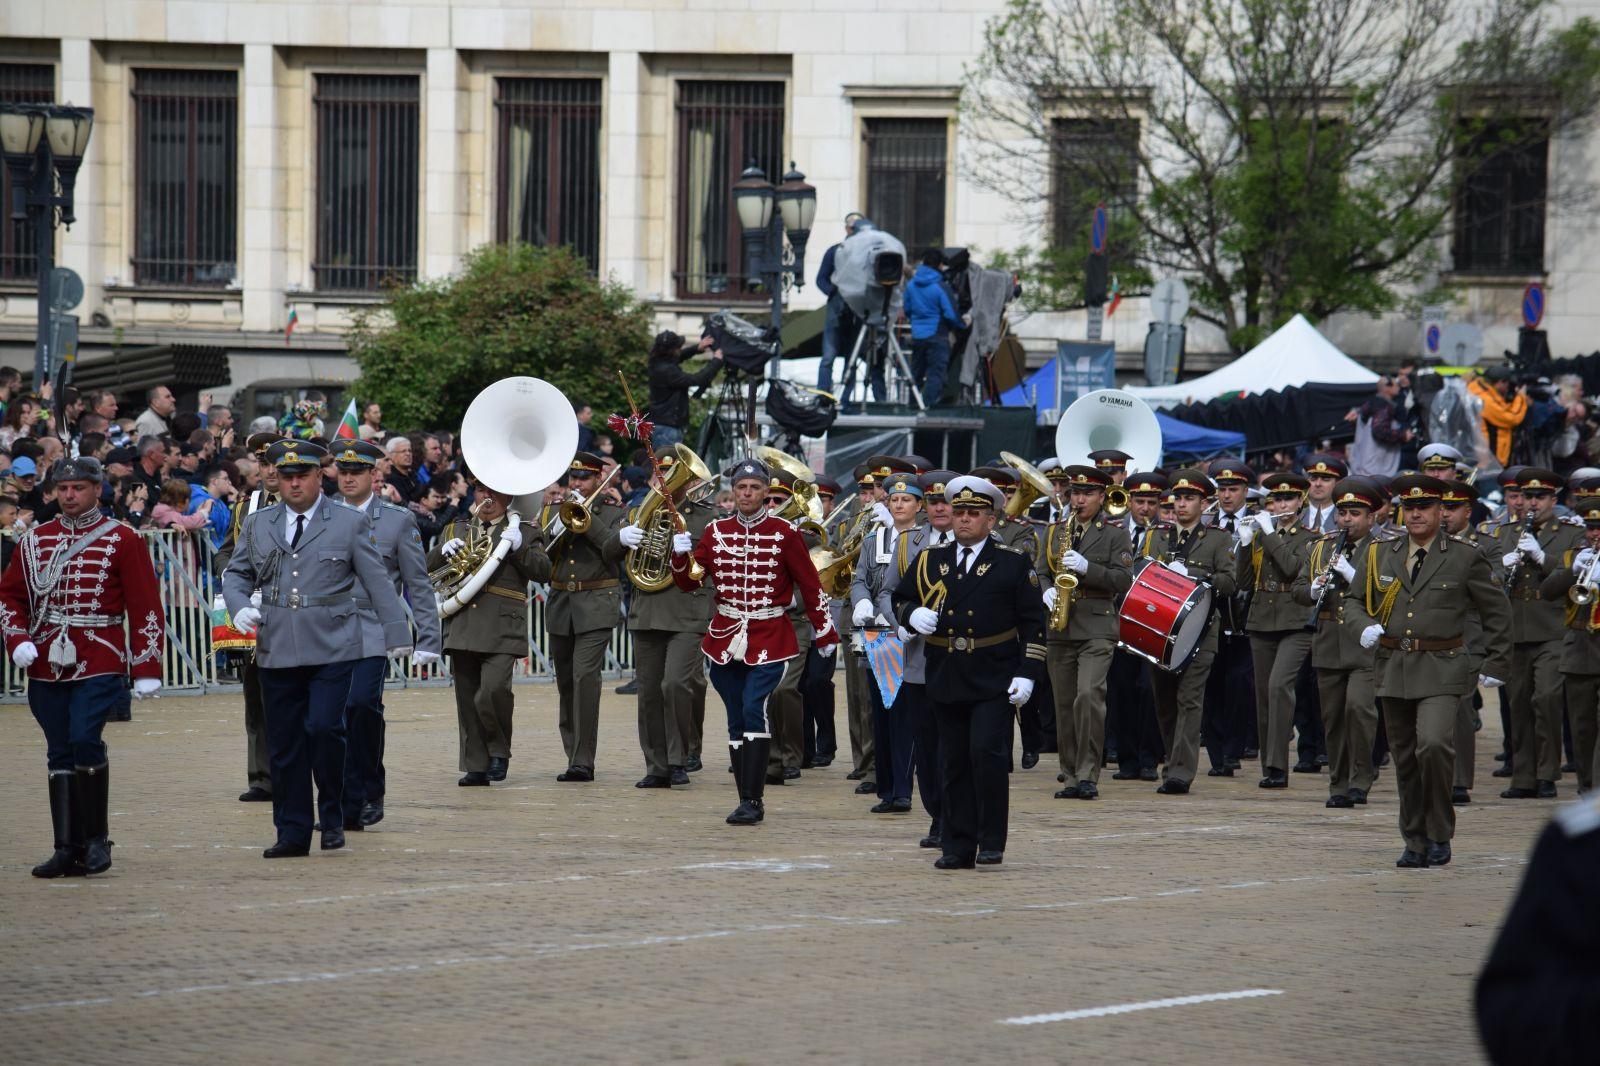 Парадът за 6 май 2019 г. - мащабен, с техника и авиация Част 1 Пеши парад (ЕКСКЛУЗИВНА ПАРАДНА ГАЛЕРИЯ)